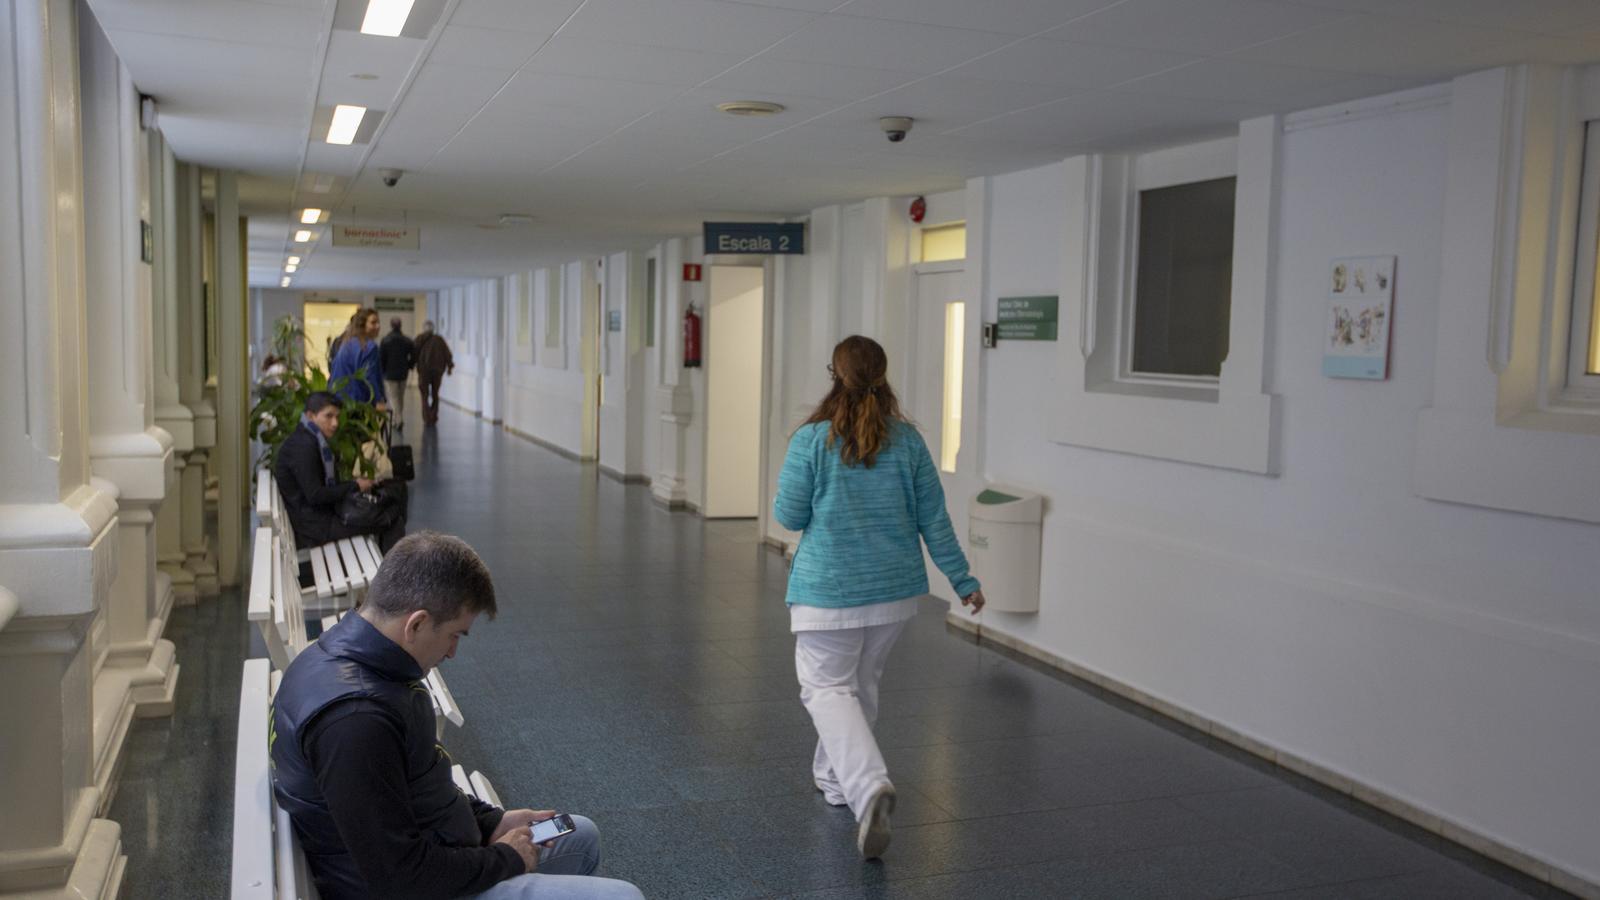 Imatge d'arxiu dels passadissos de l'Hospital Clínic